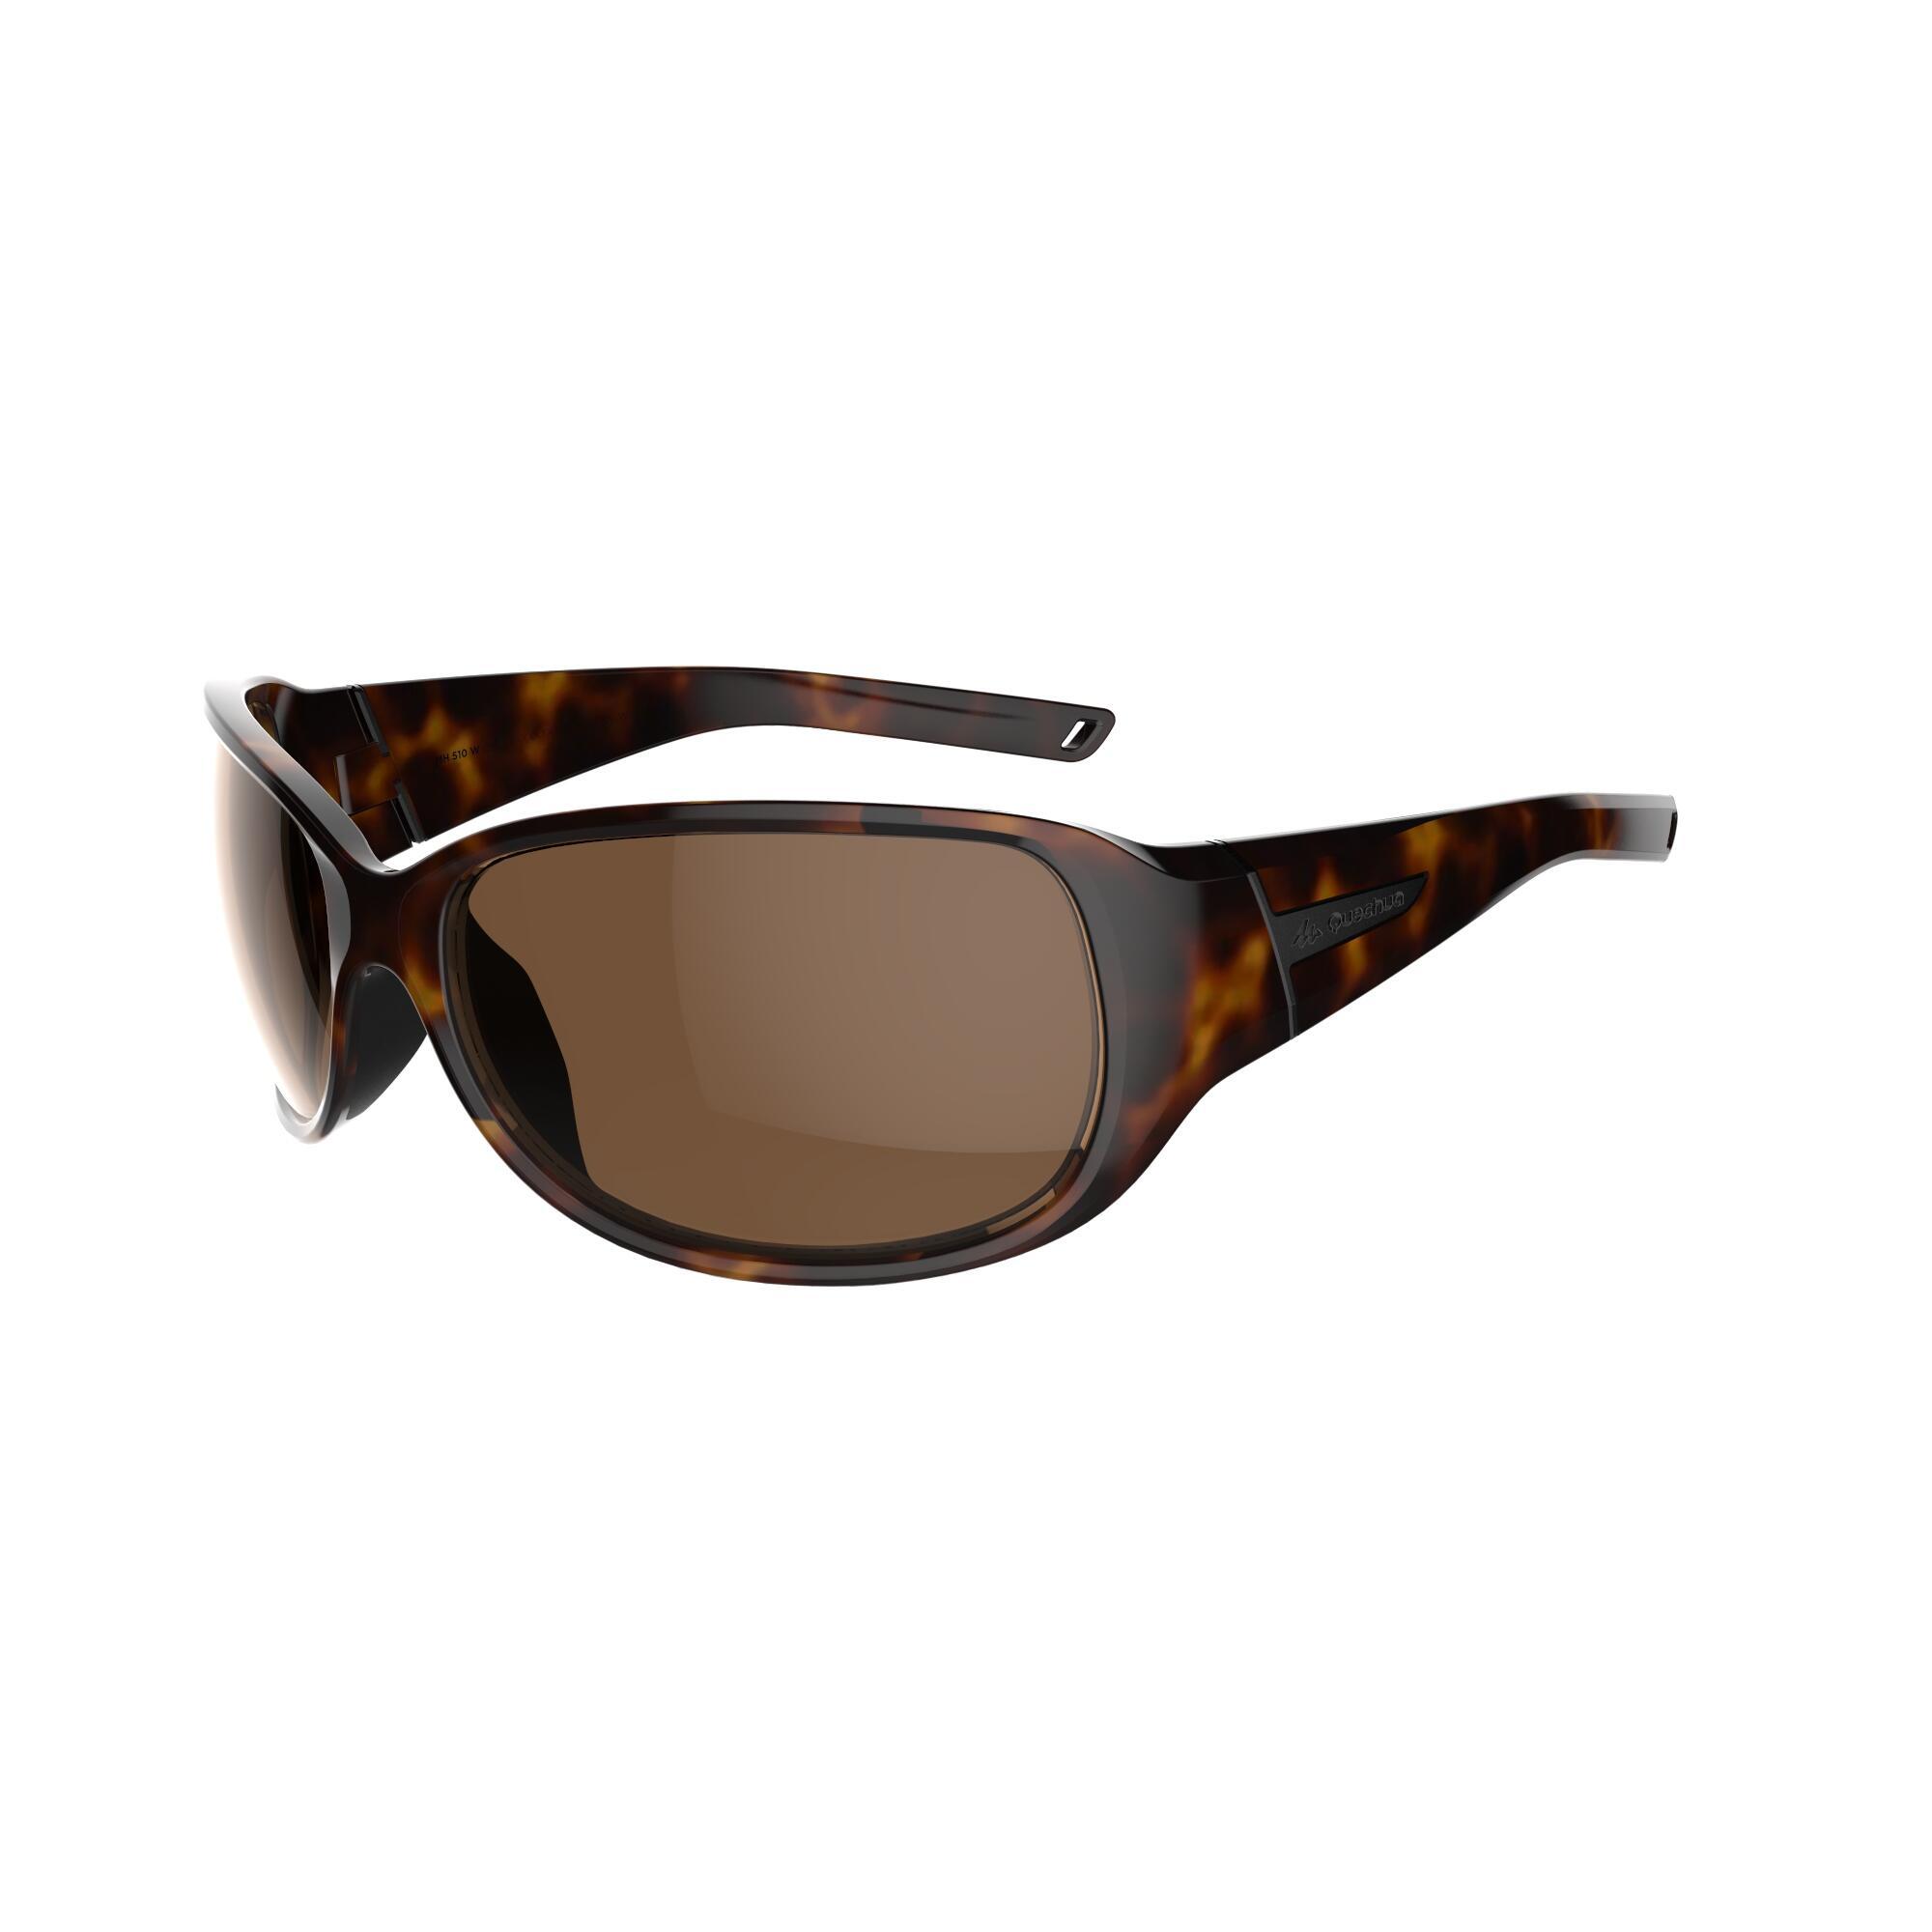 Orao Trekkingbrillen volwassenen Hiking 500W bruin schubben categorie 3